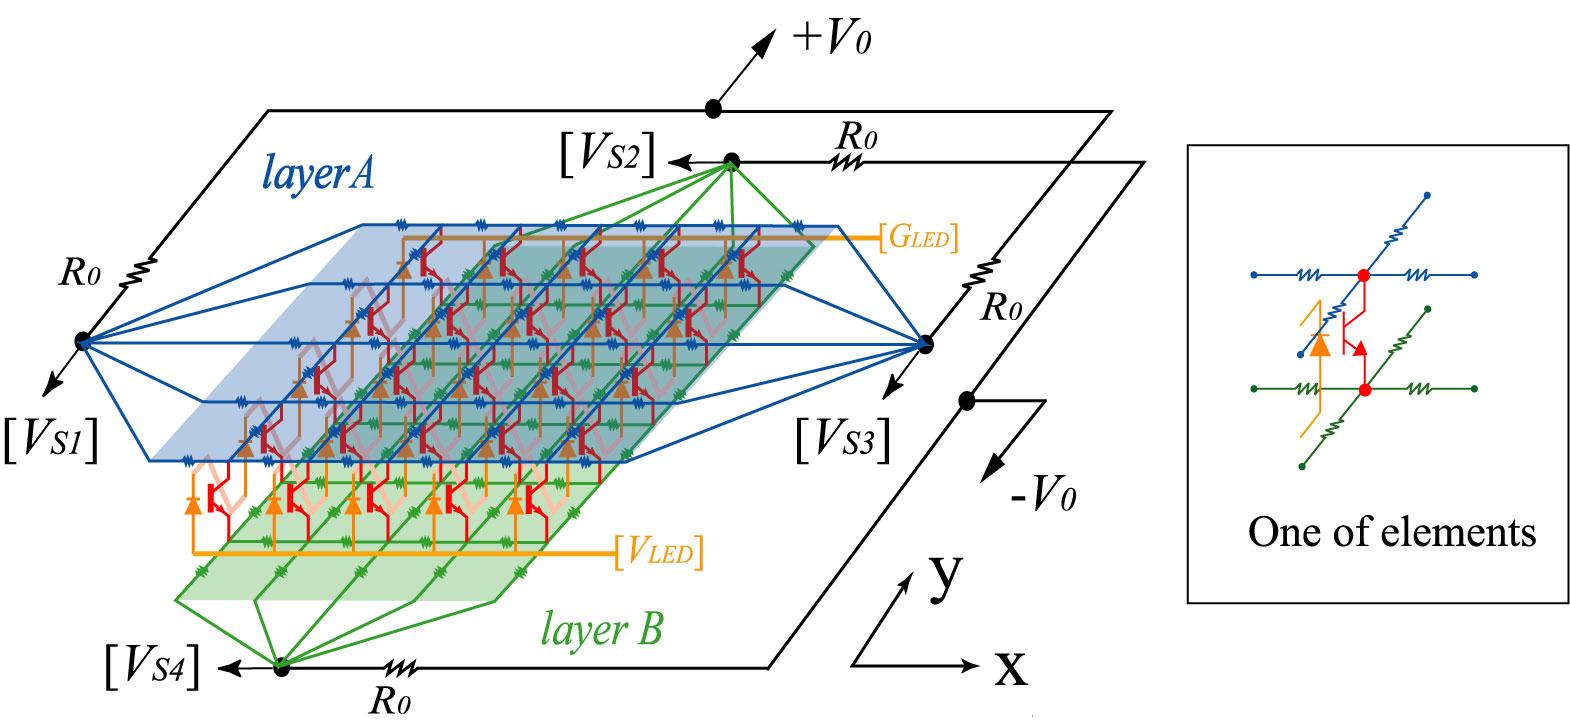 Proximity Sensor Uec Shimojo Laboratory Ac Inductive Switch Wiring Diagram Netproximitysensorstructure